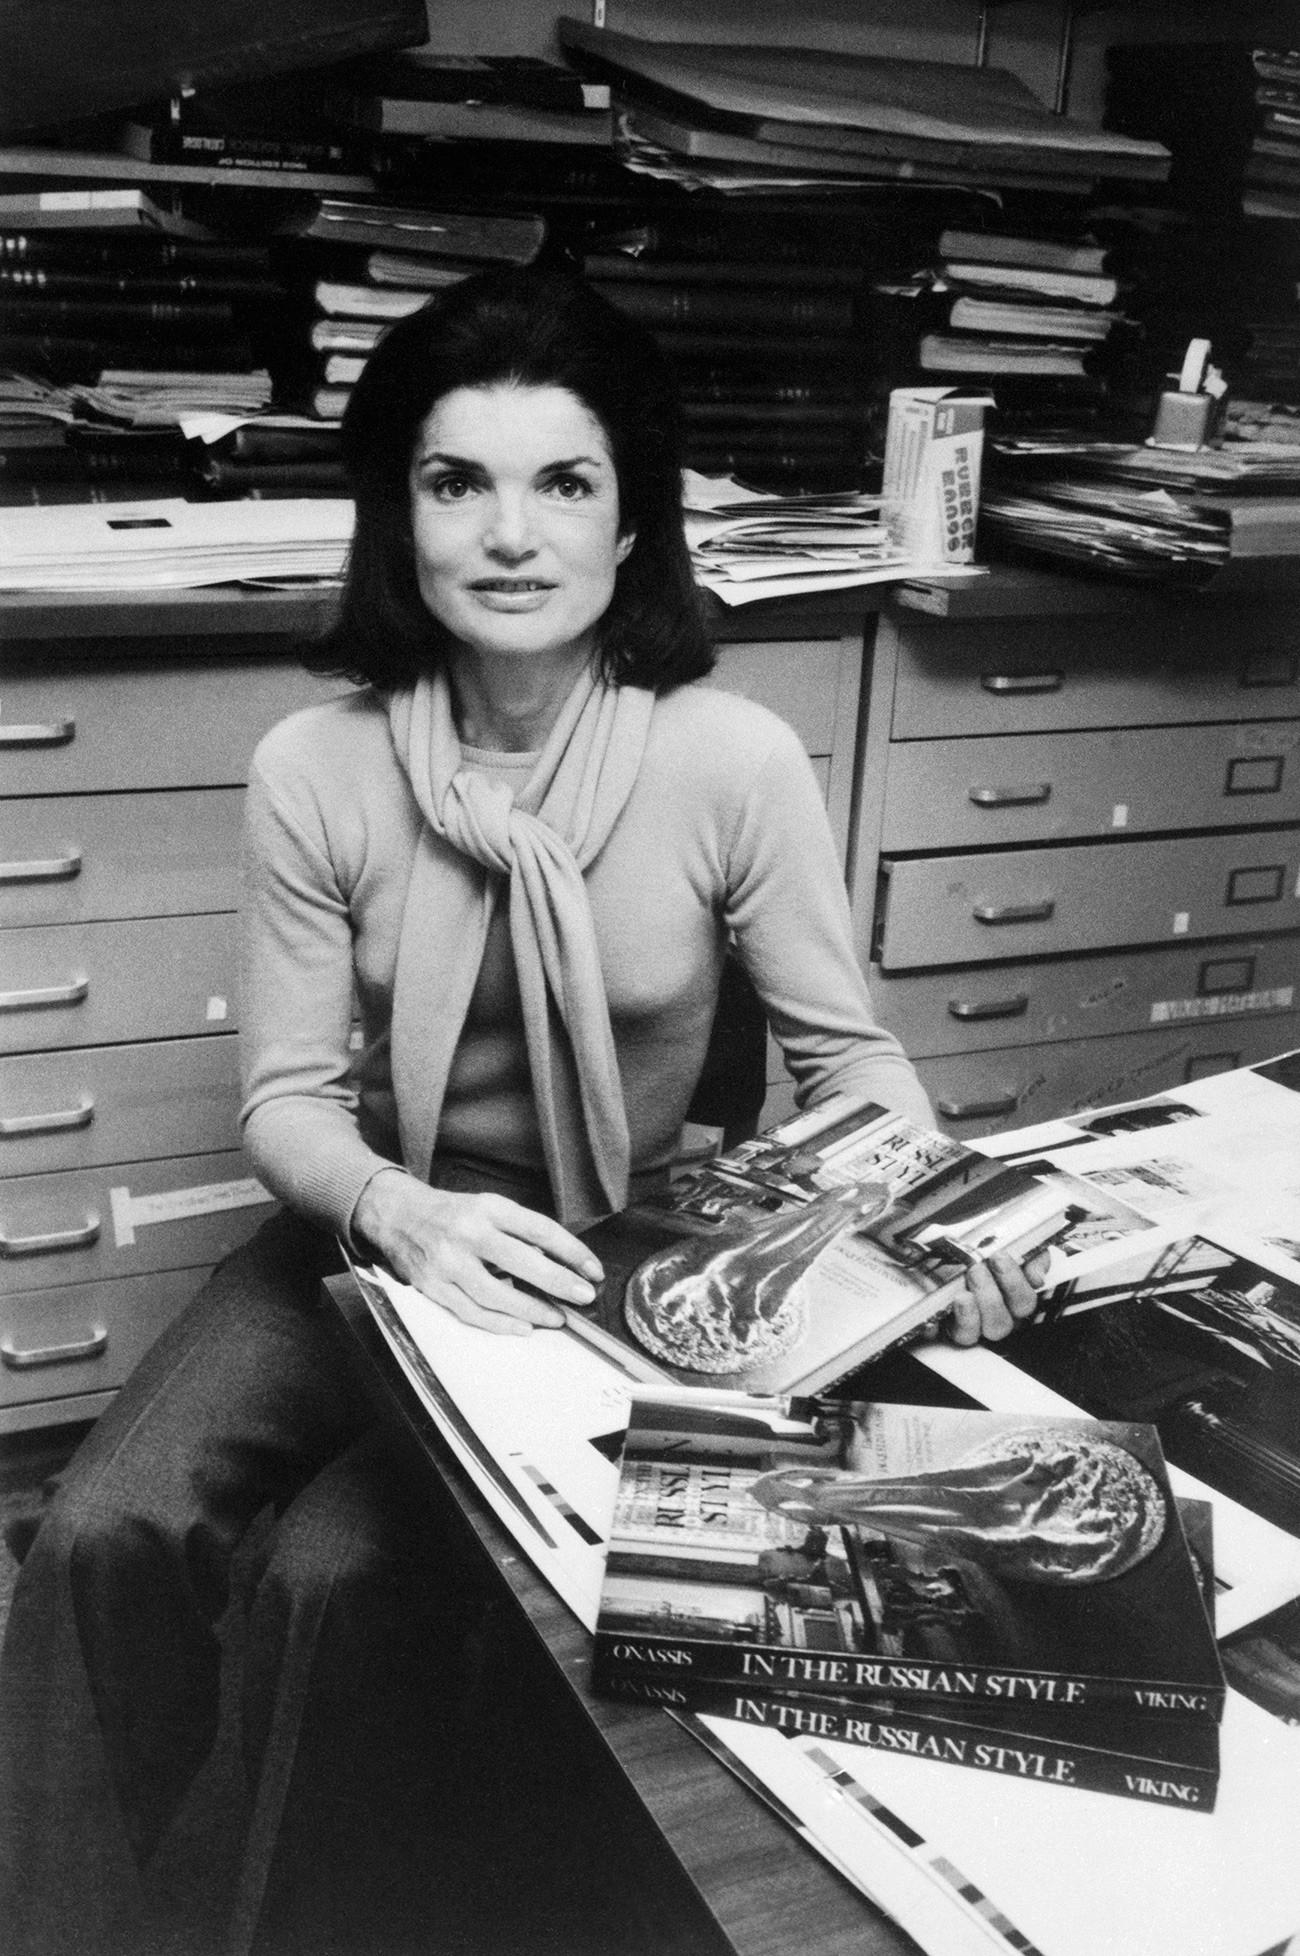 Жаклин Онассис в офисе издательства Viking Press представляет свою книгу «В русском стиле», 1976